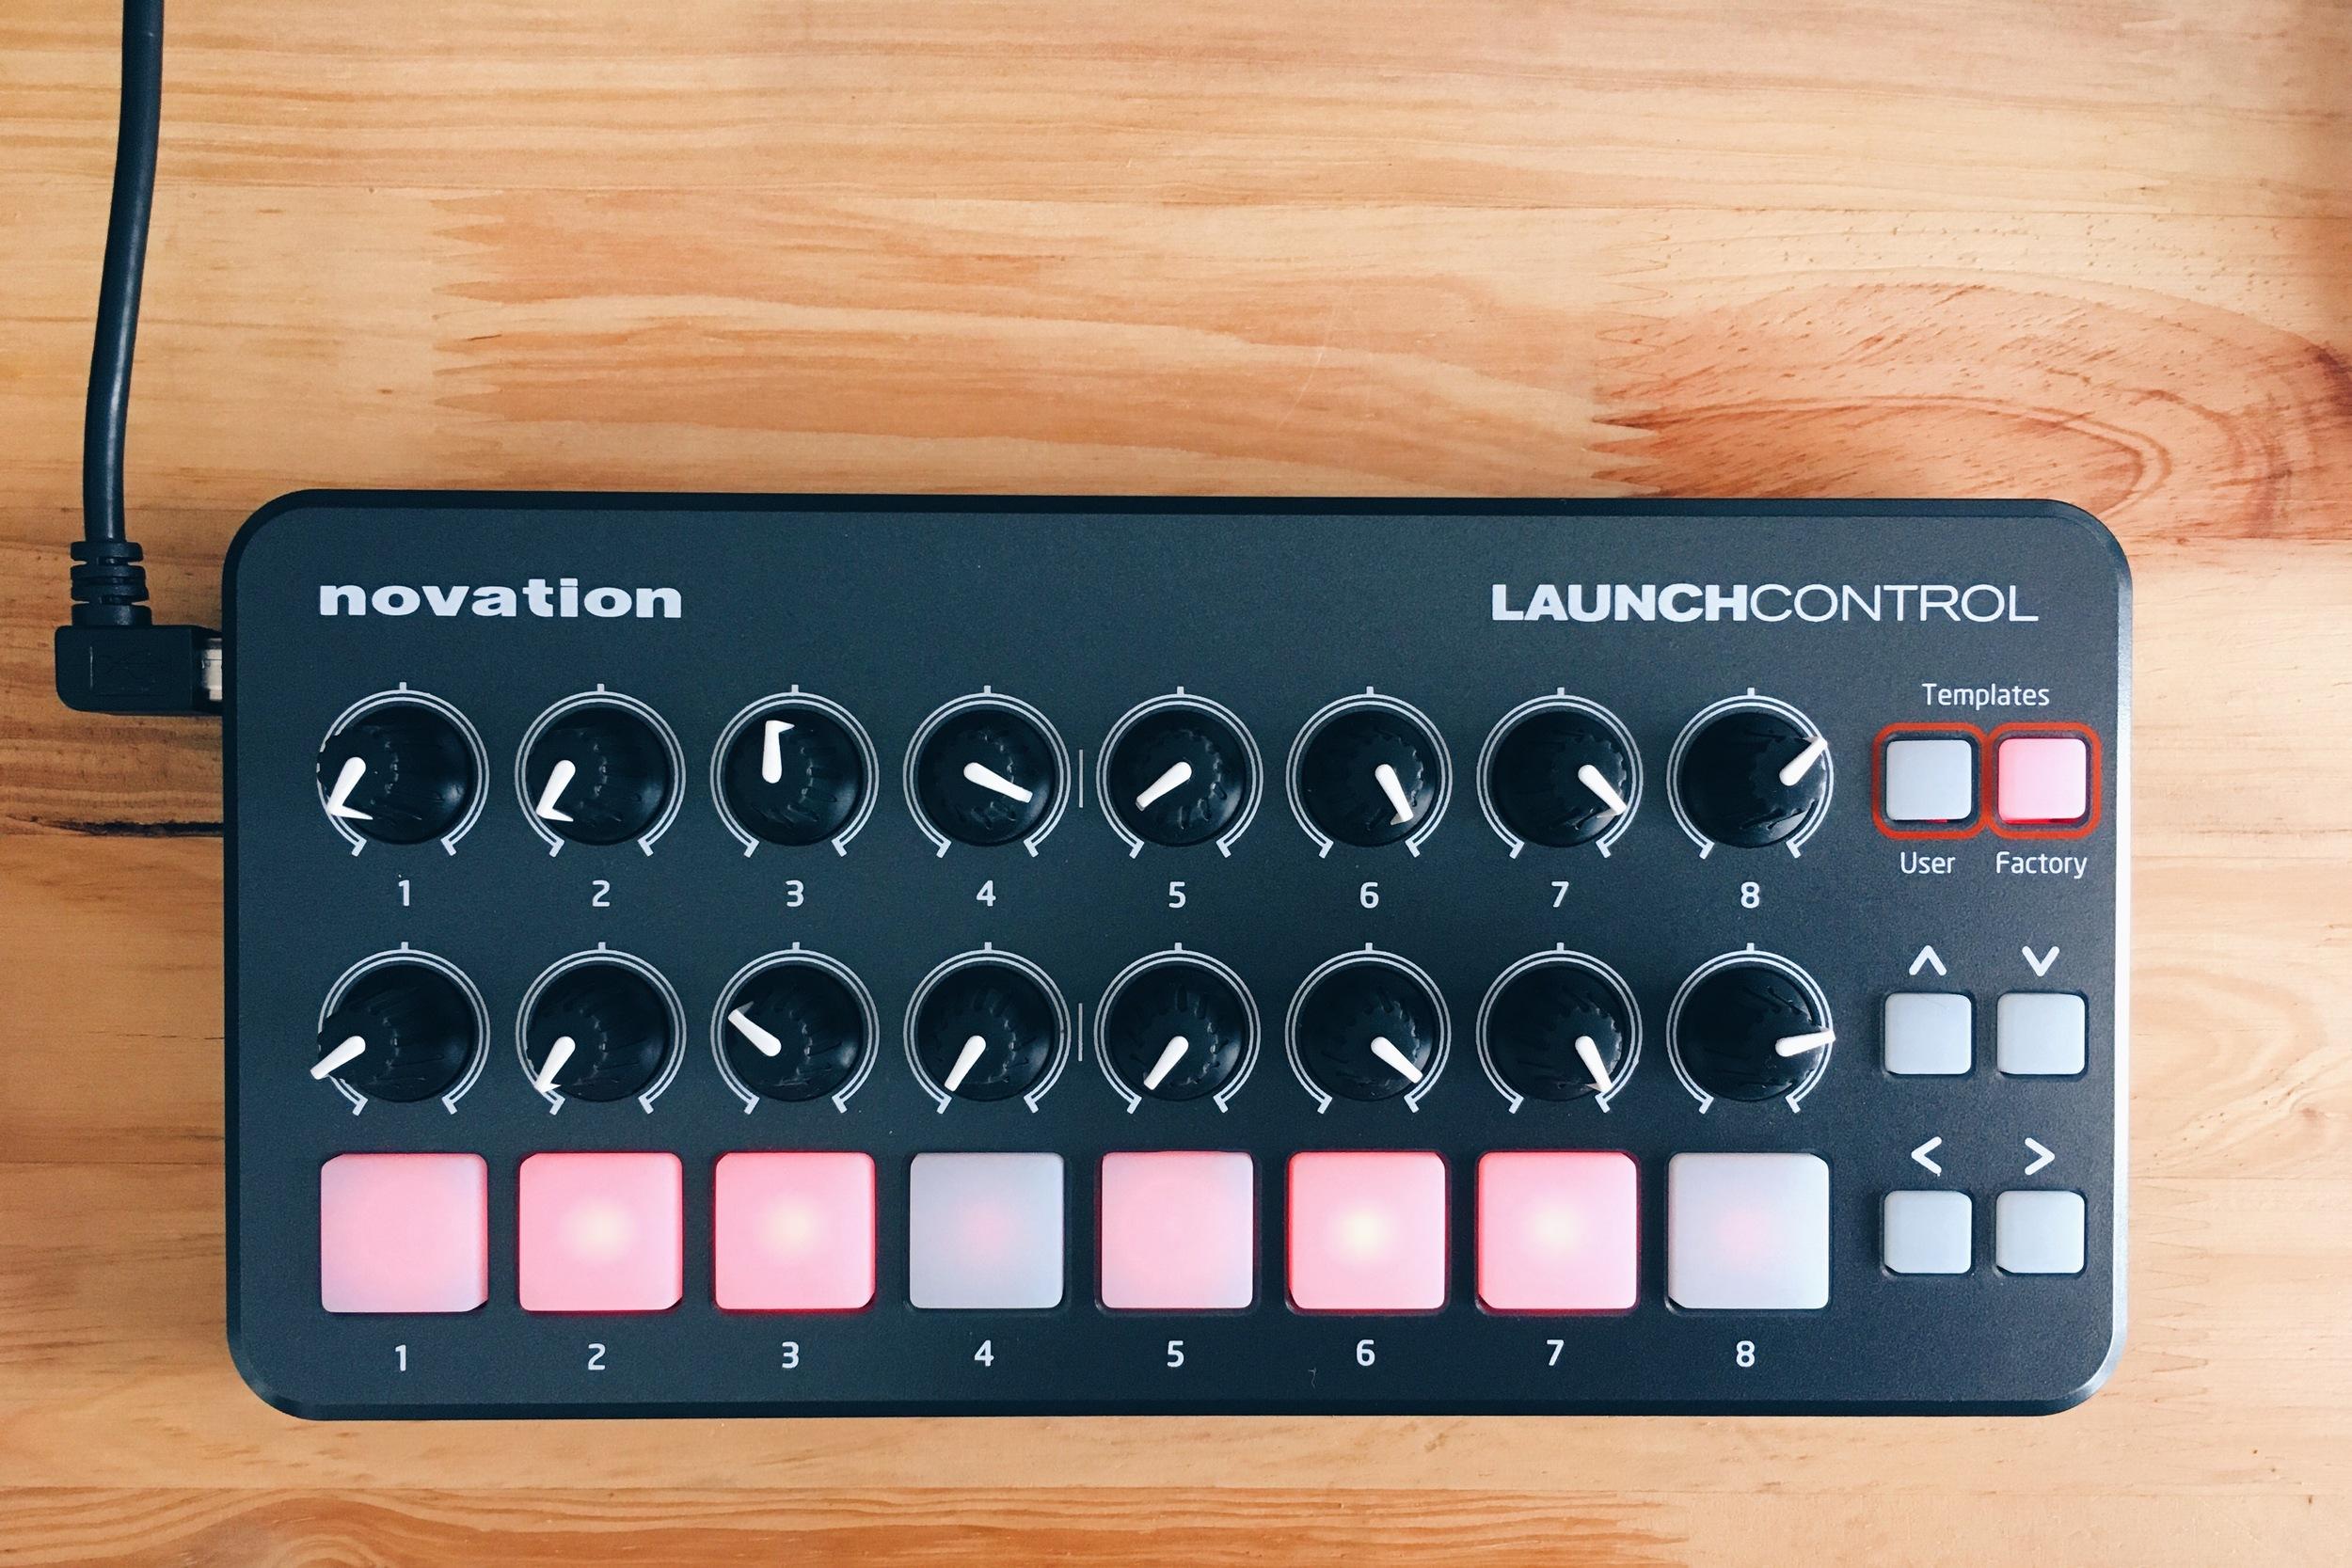 El controlador Novation Launch Control